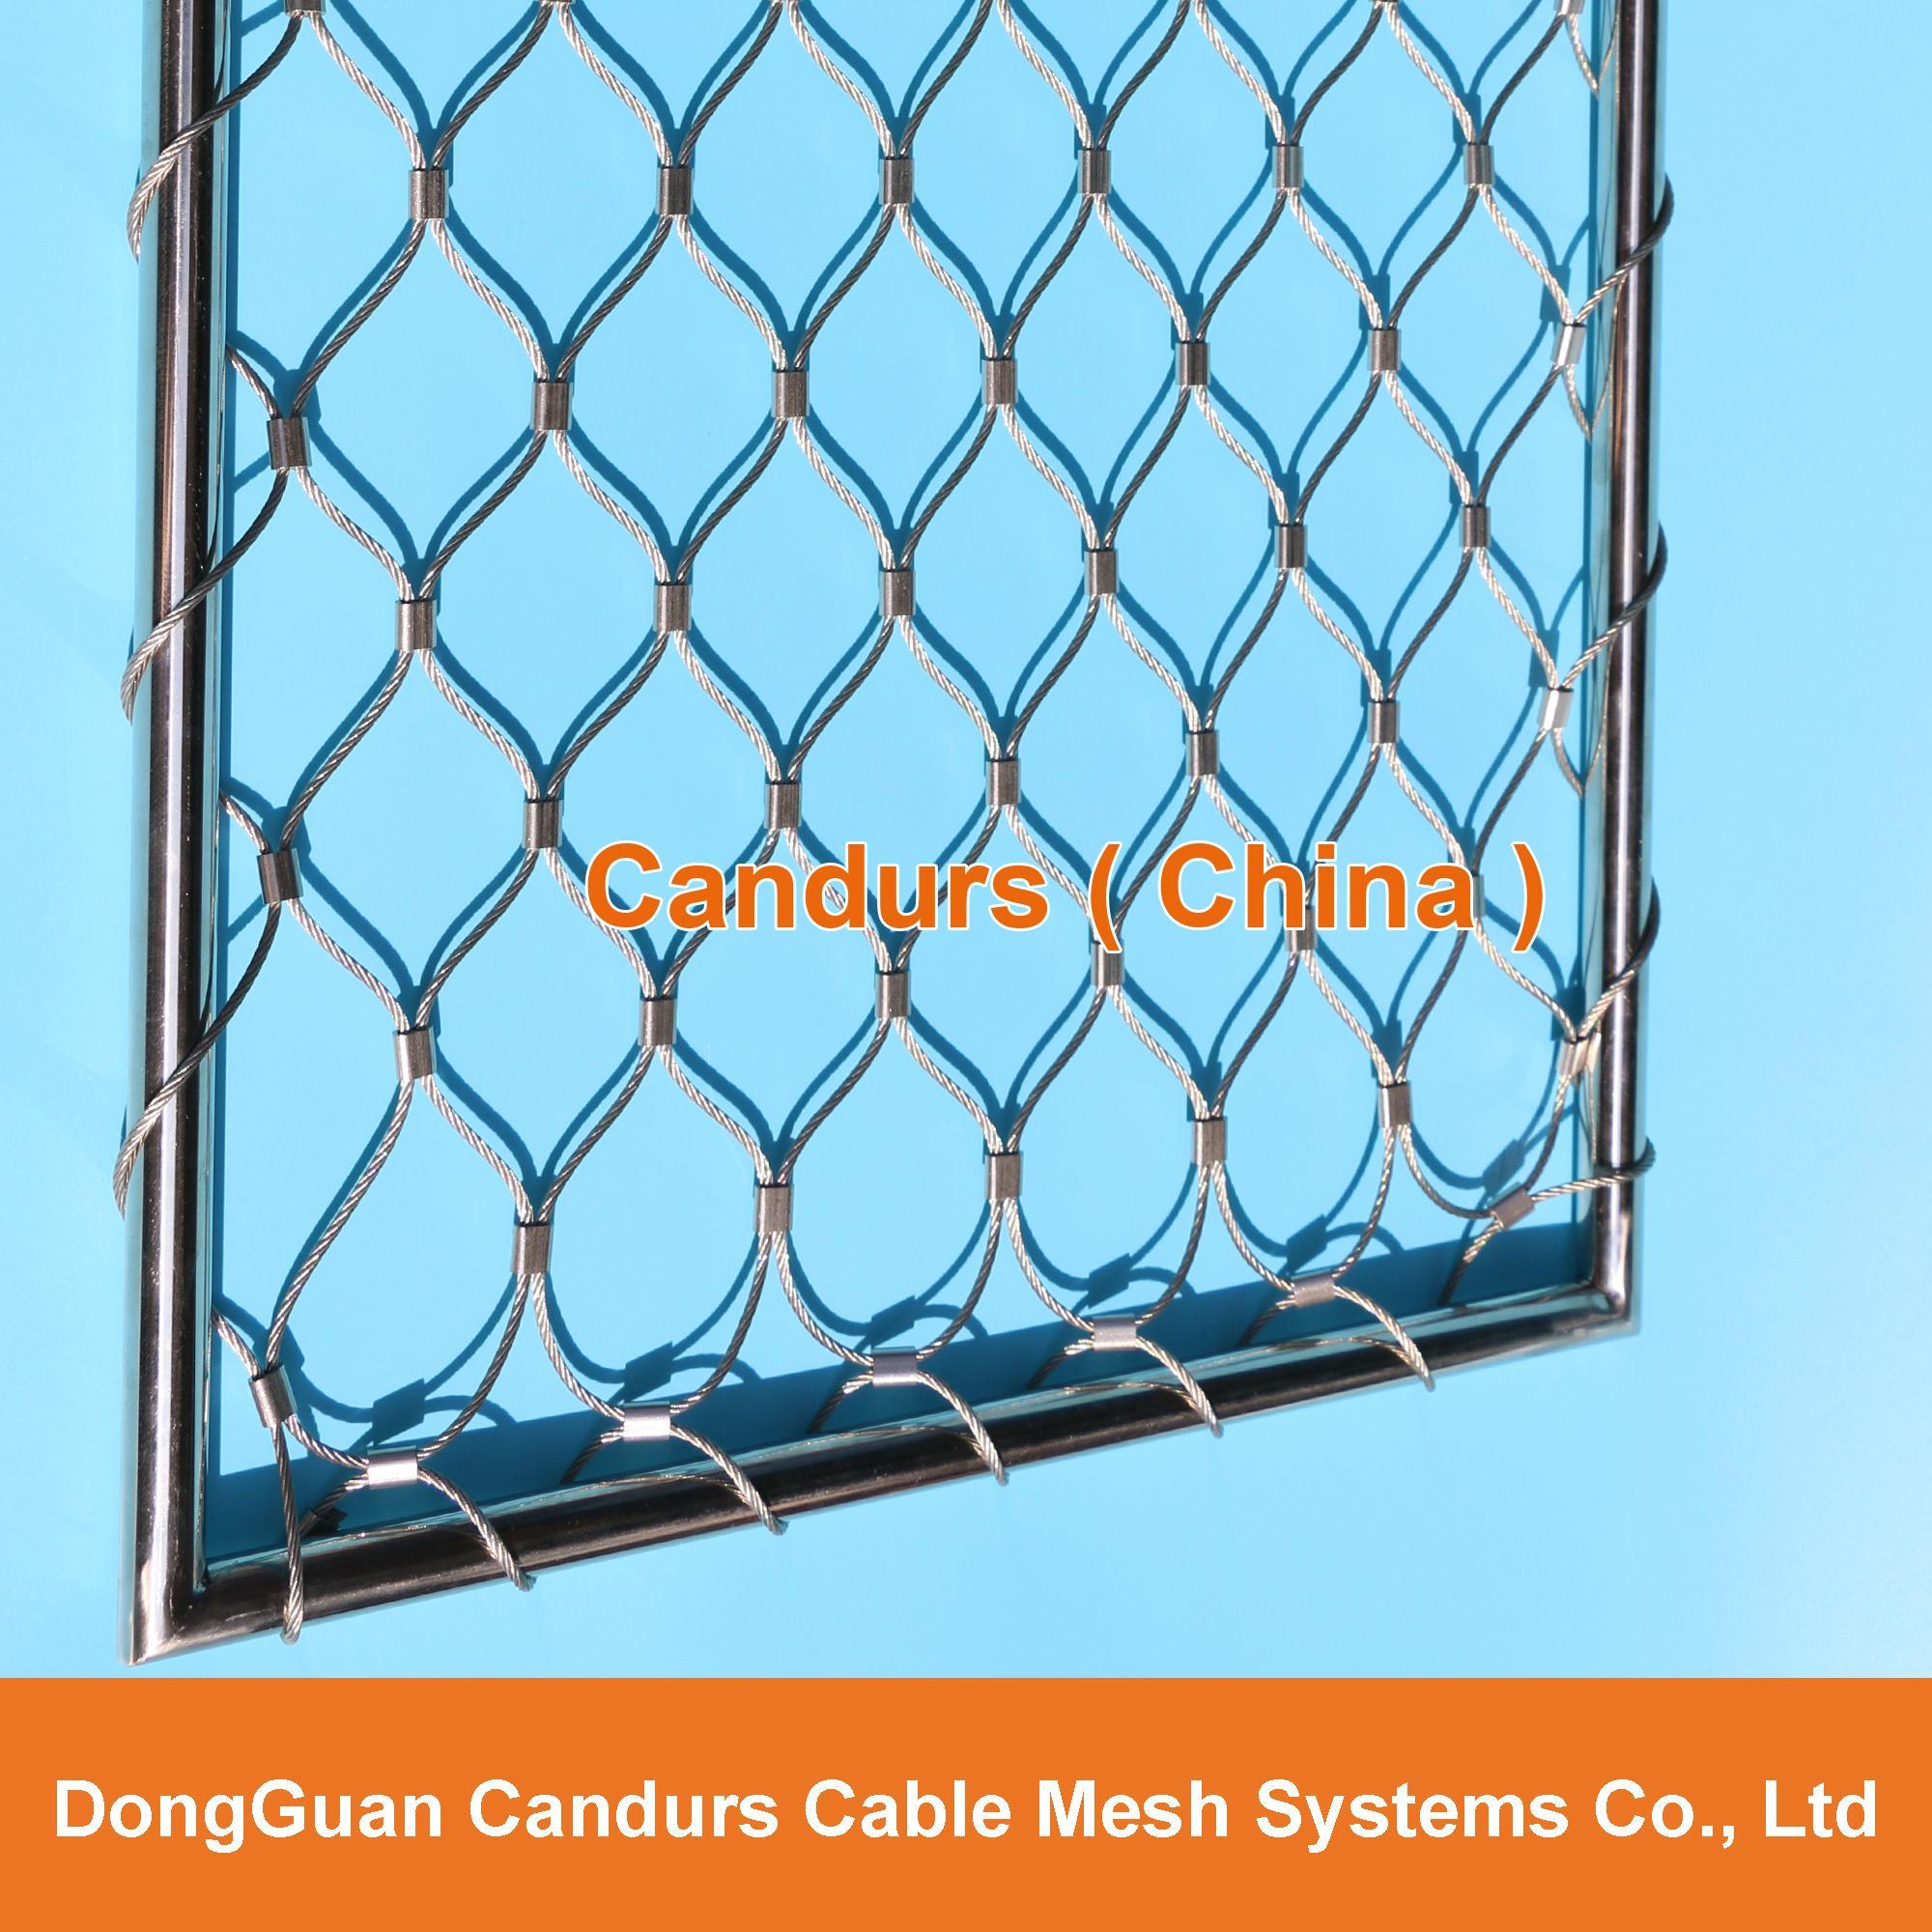 不鏽鋼絲繩欄杆扶手填充網 19